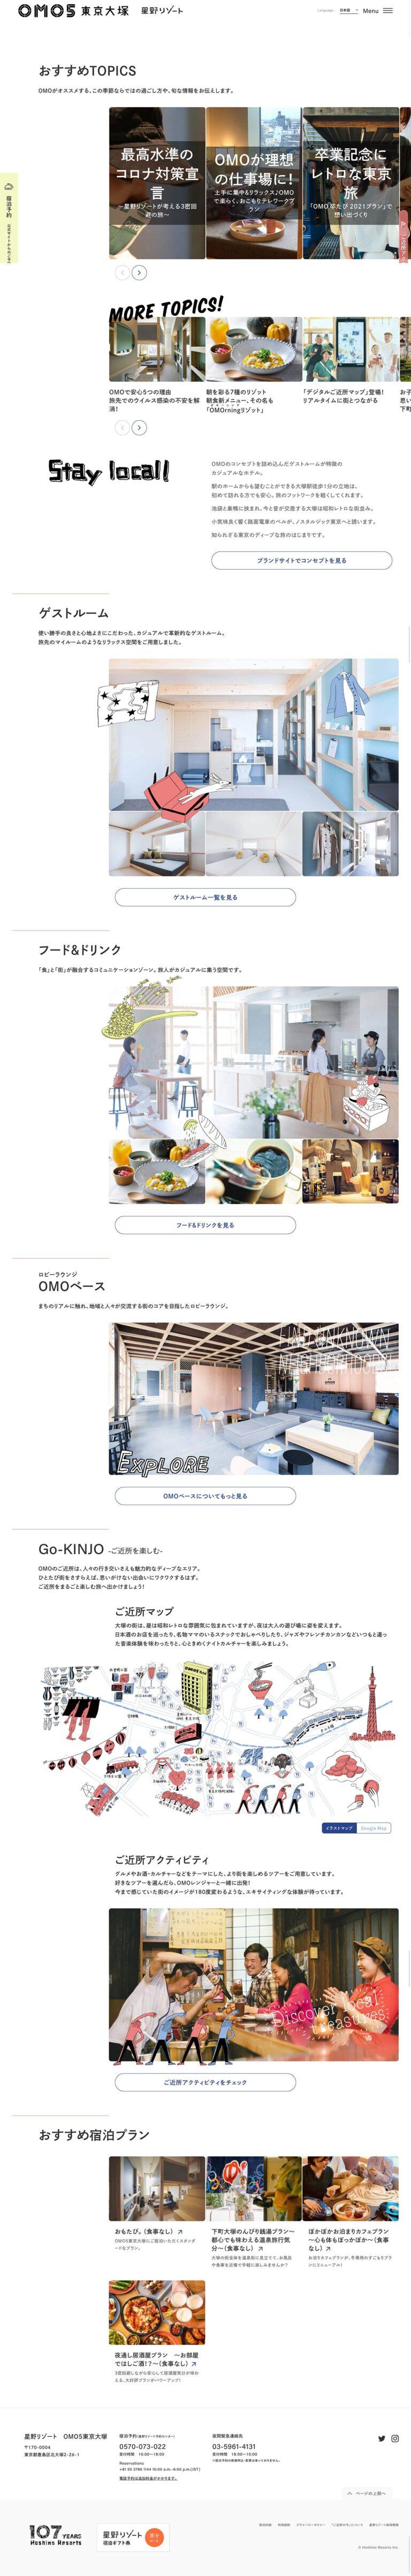 星野リゾート OMO5東京大塚 - 旅のテンションをあげるホテル